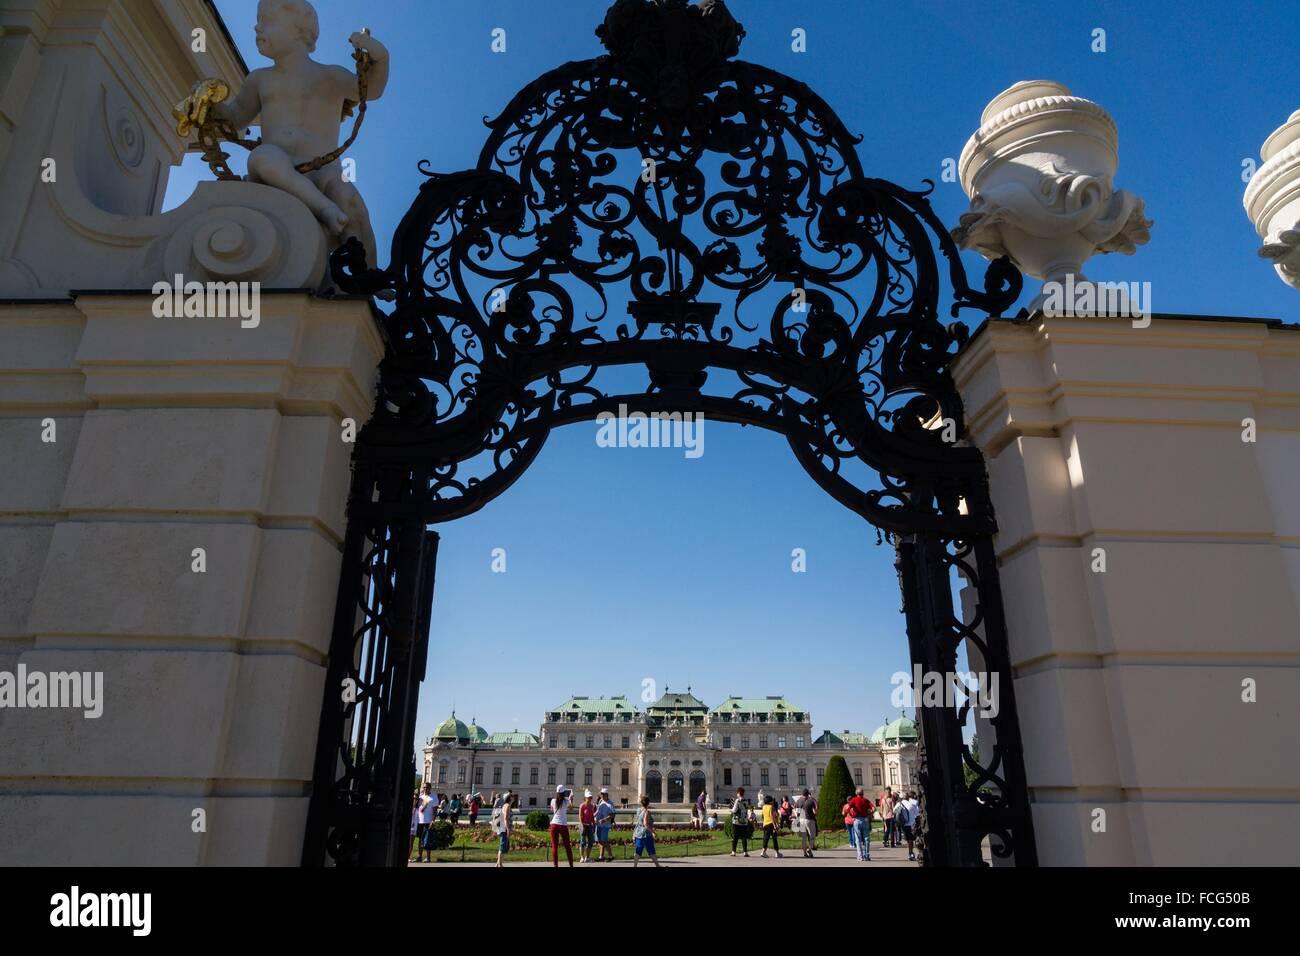 Palacio Belvedere , estilo barroco, construido entre 1714 y 1723 para el príncipe Eugenio de Saboya, Viena, Austria, Stock Photo